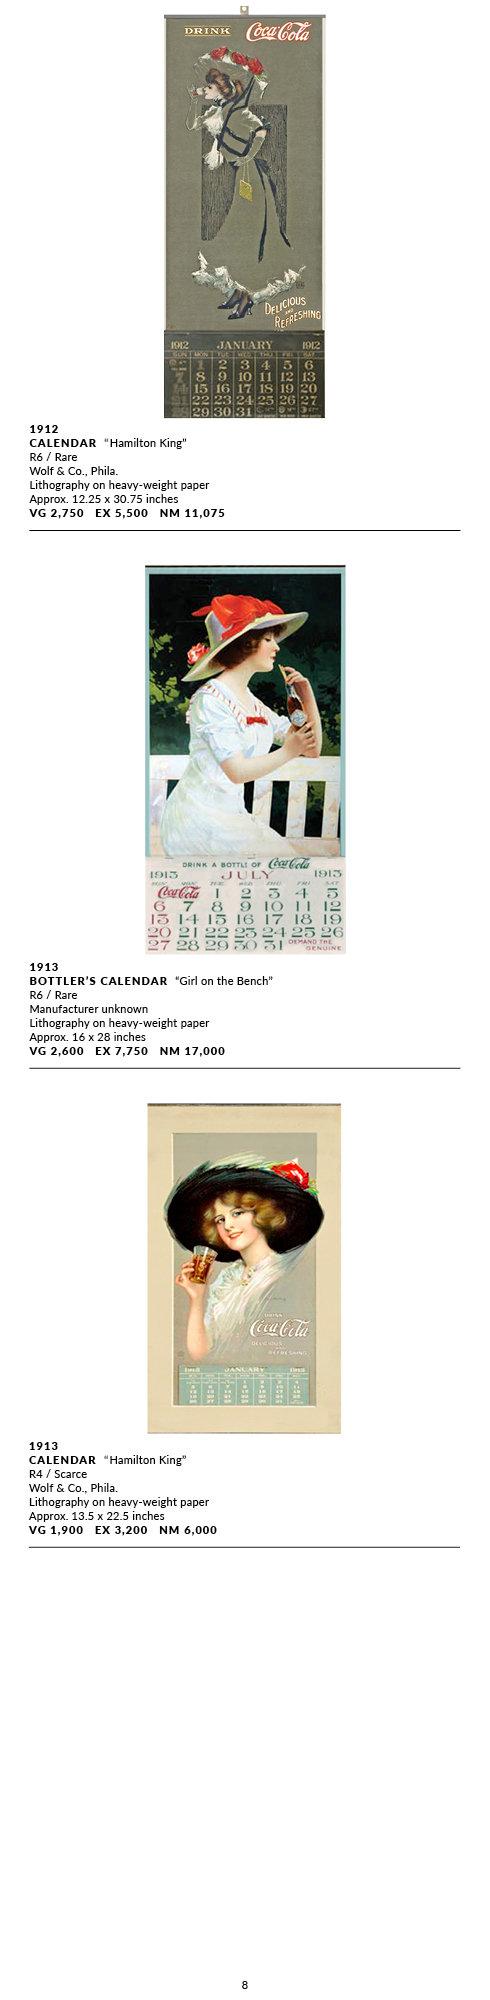 Calendars_1890-1929_(1921)8.jpg